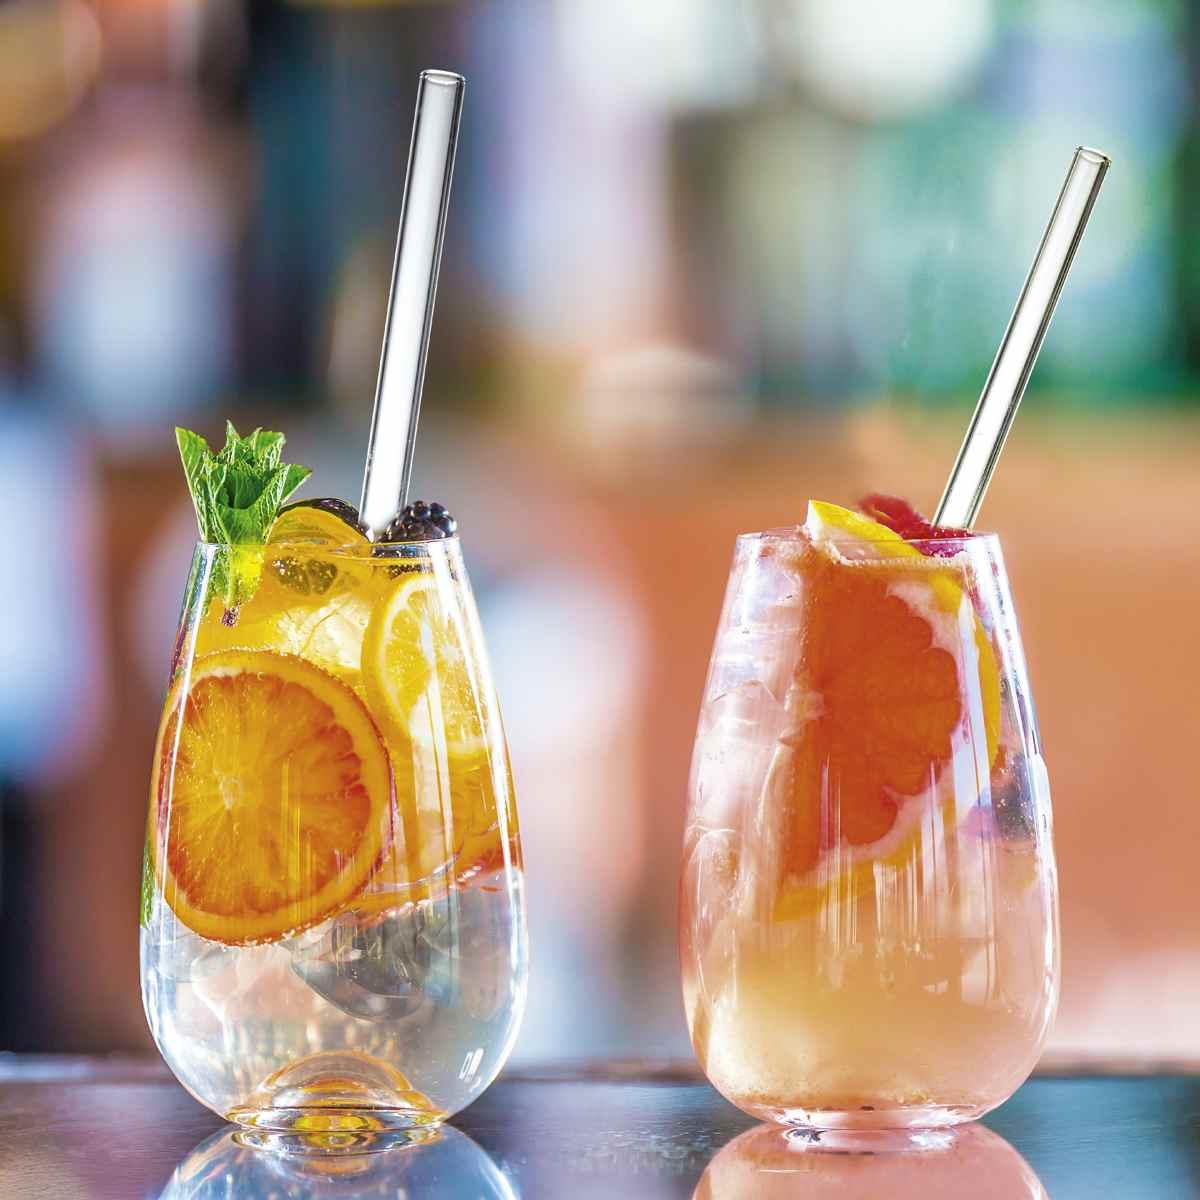 Glasstrohhalme für Cocktails & Co. Glasstrohhalme als sinnvolle, wiederverwendbare und nachhaltige Alternative